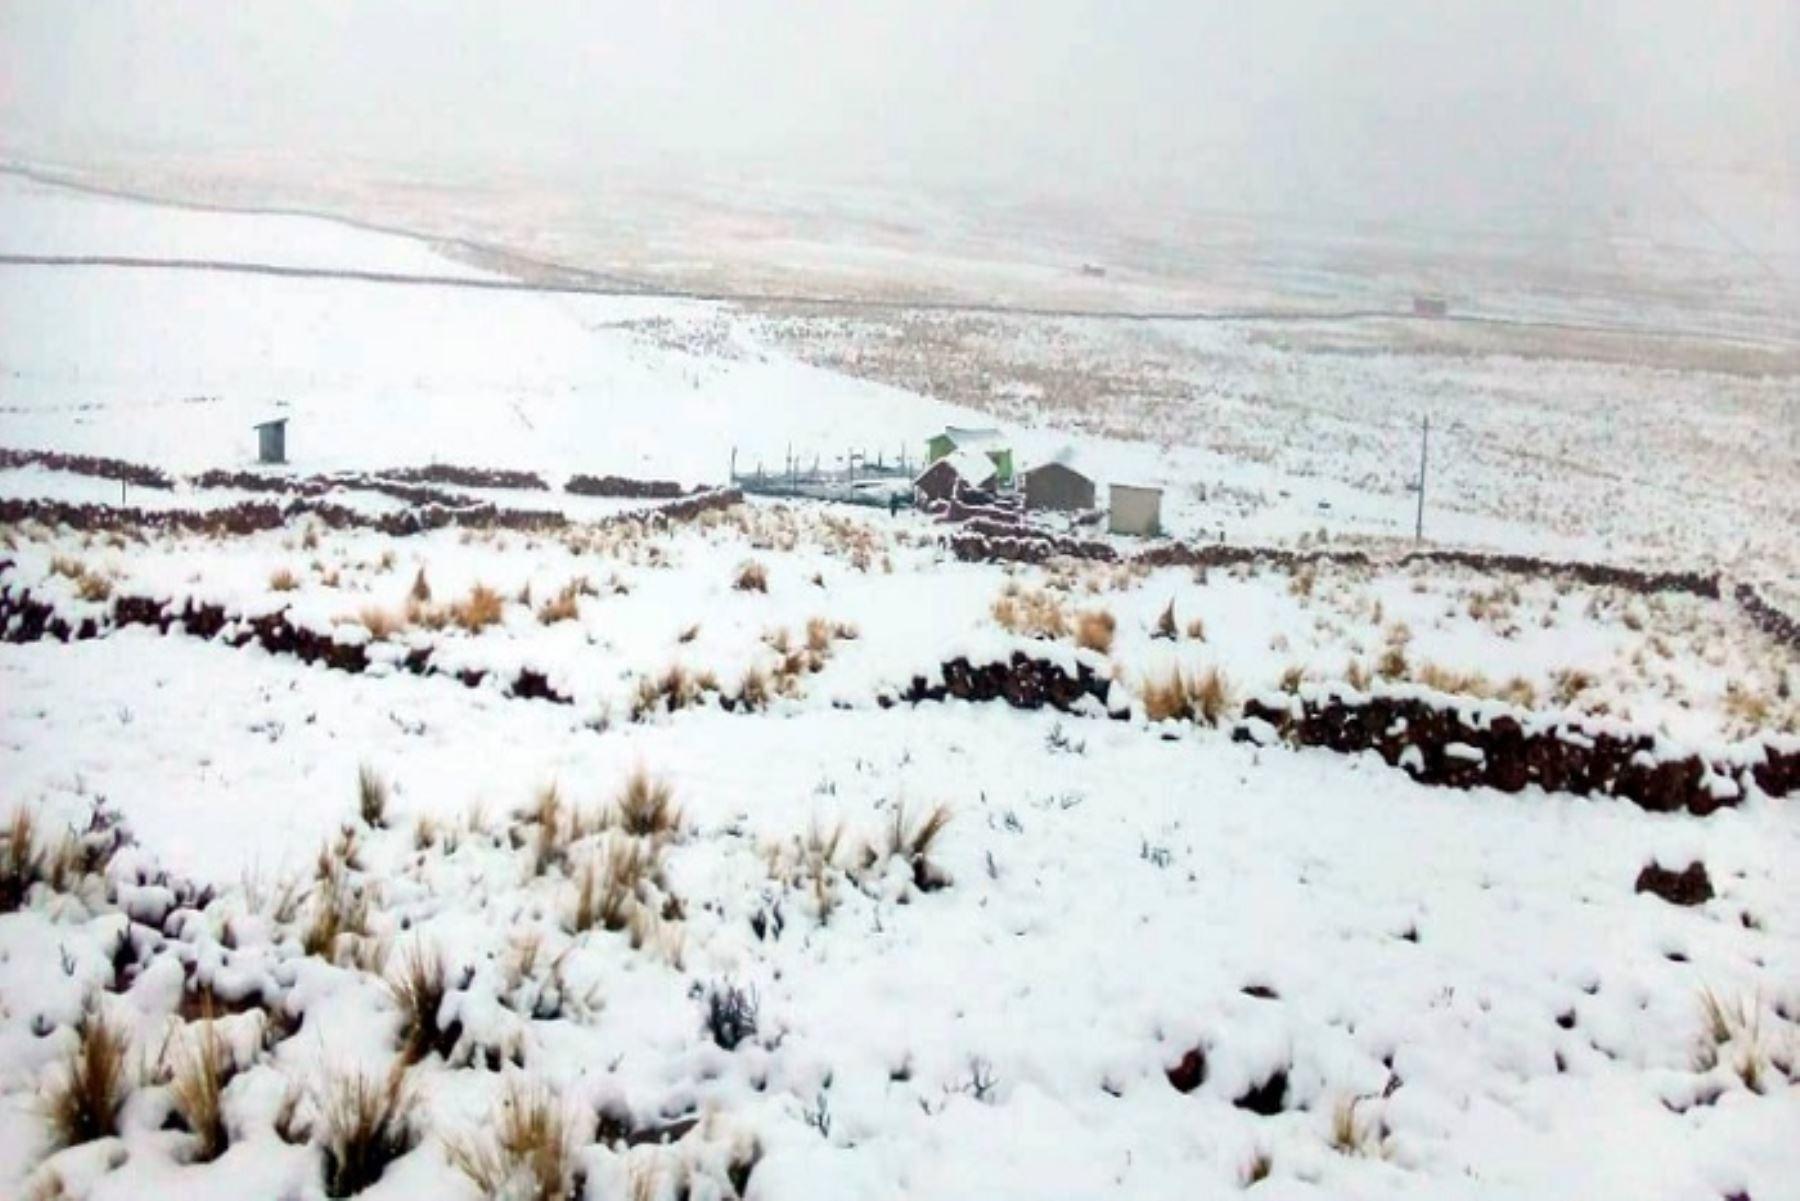 La solidificación de nieve se mantendrá debido a que se espera que se presenten condiciones de cielo nublado parcial con un importante descenso de las temperaturas del aire durante la noche.